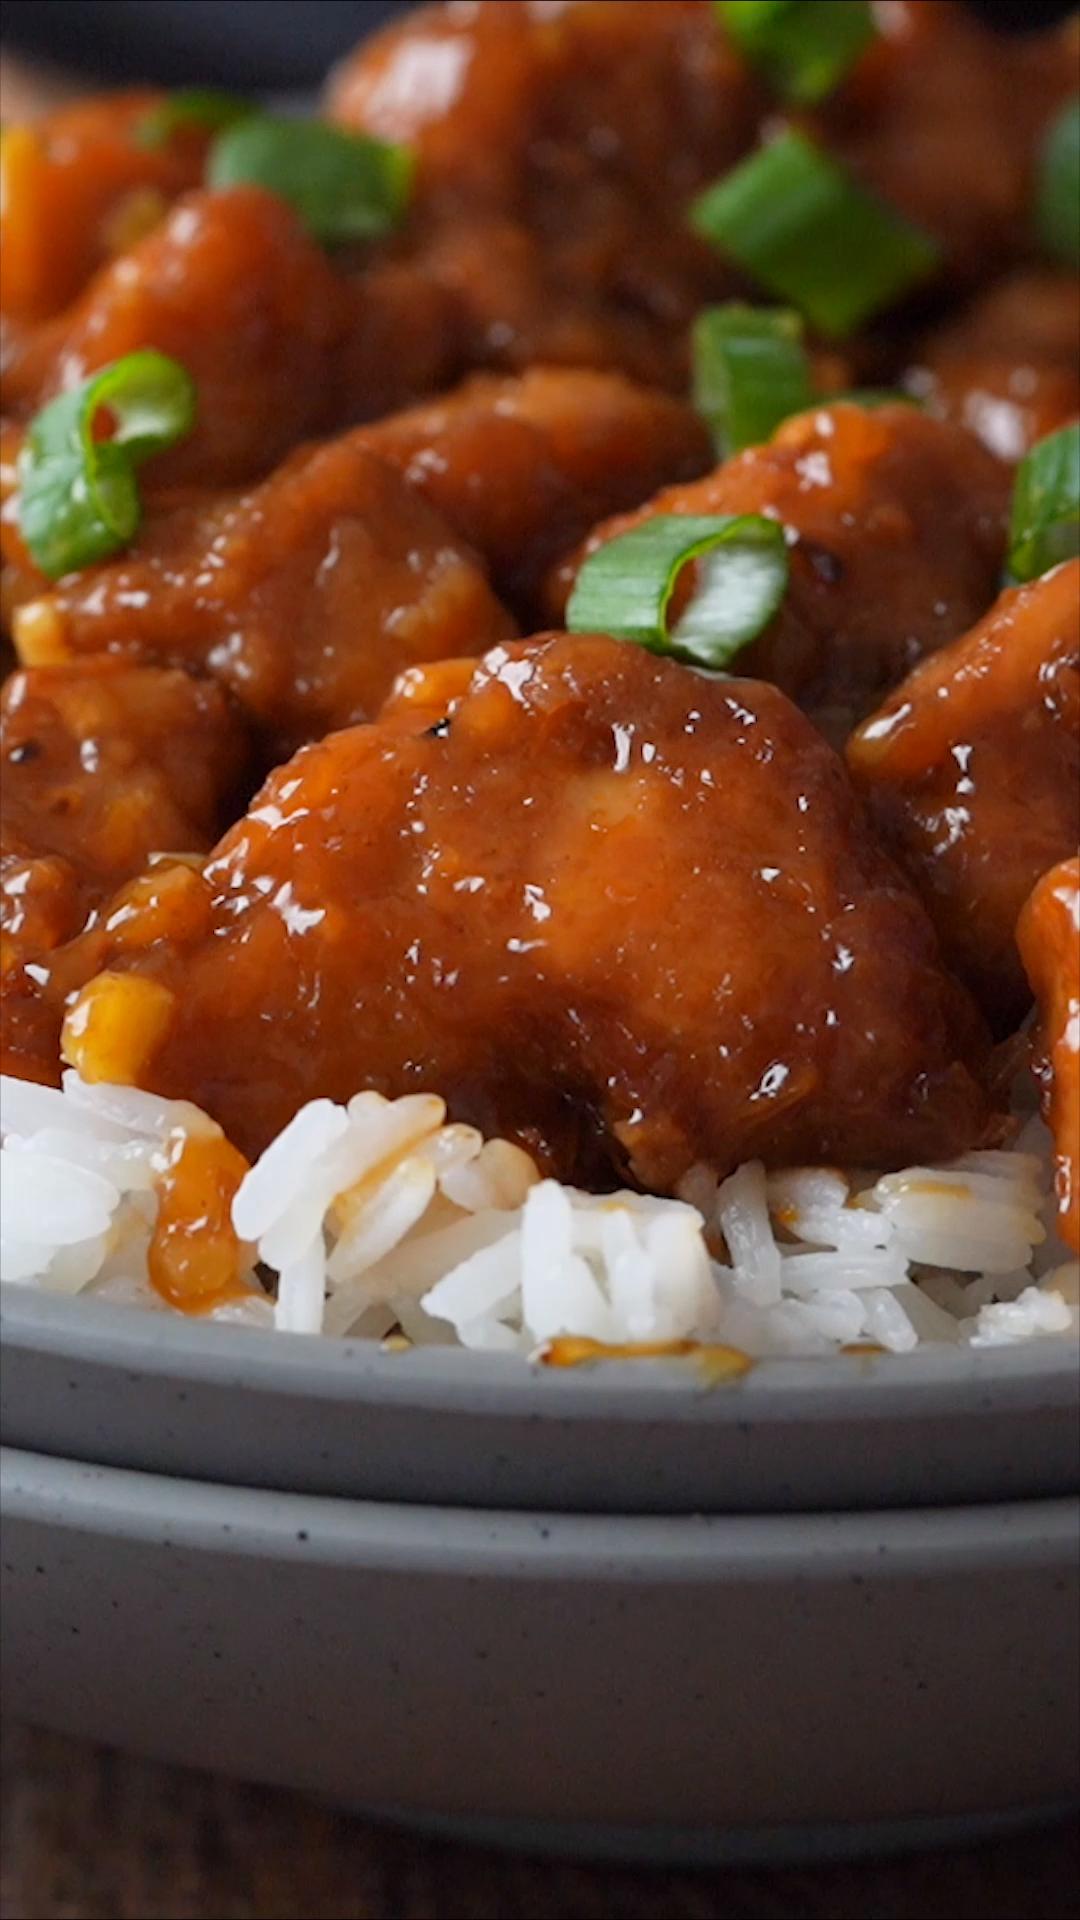 Orange Chicken Recipe #chineseorangechicken